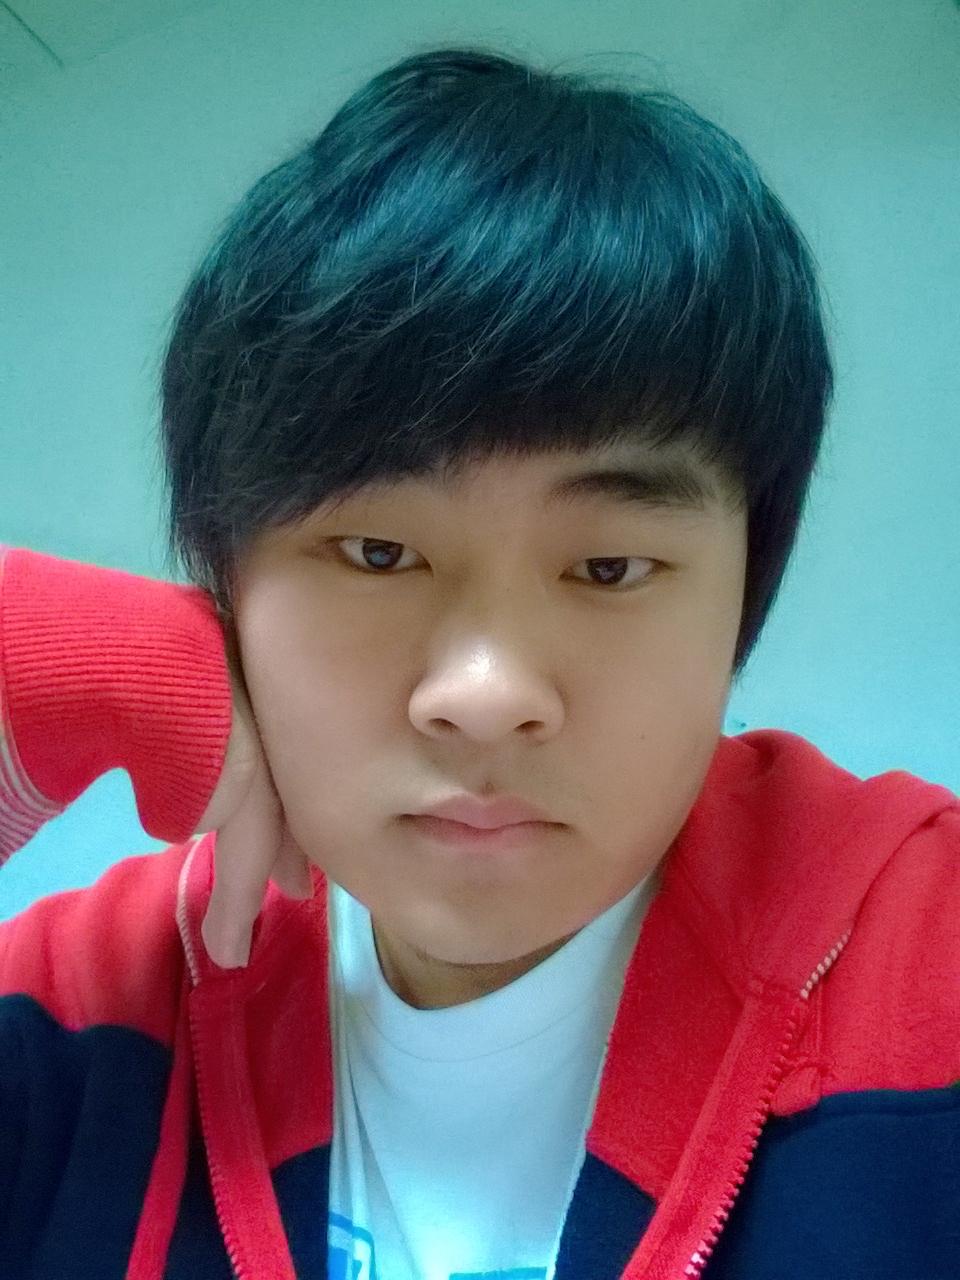 De Xie (谢德)